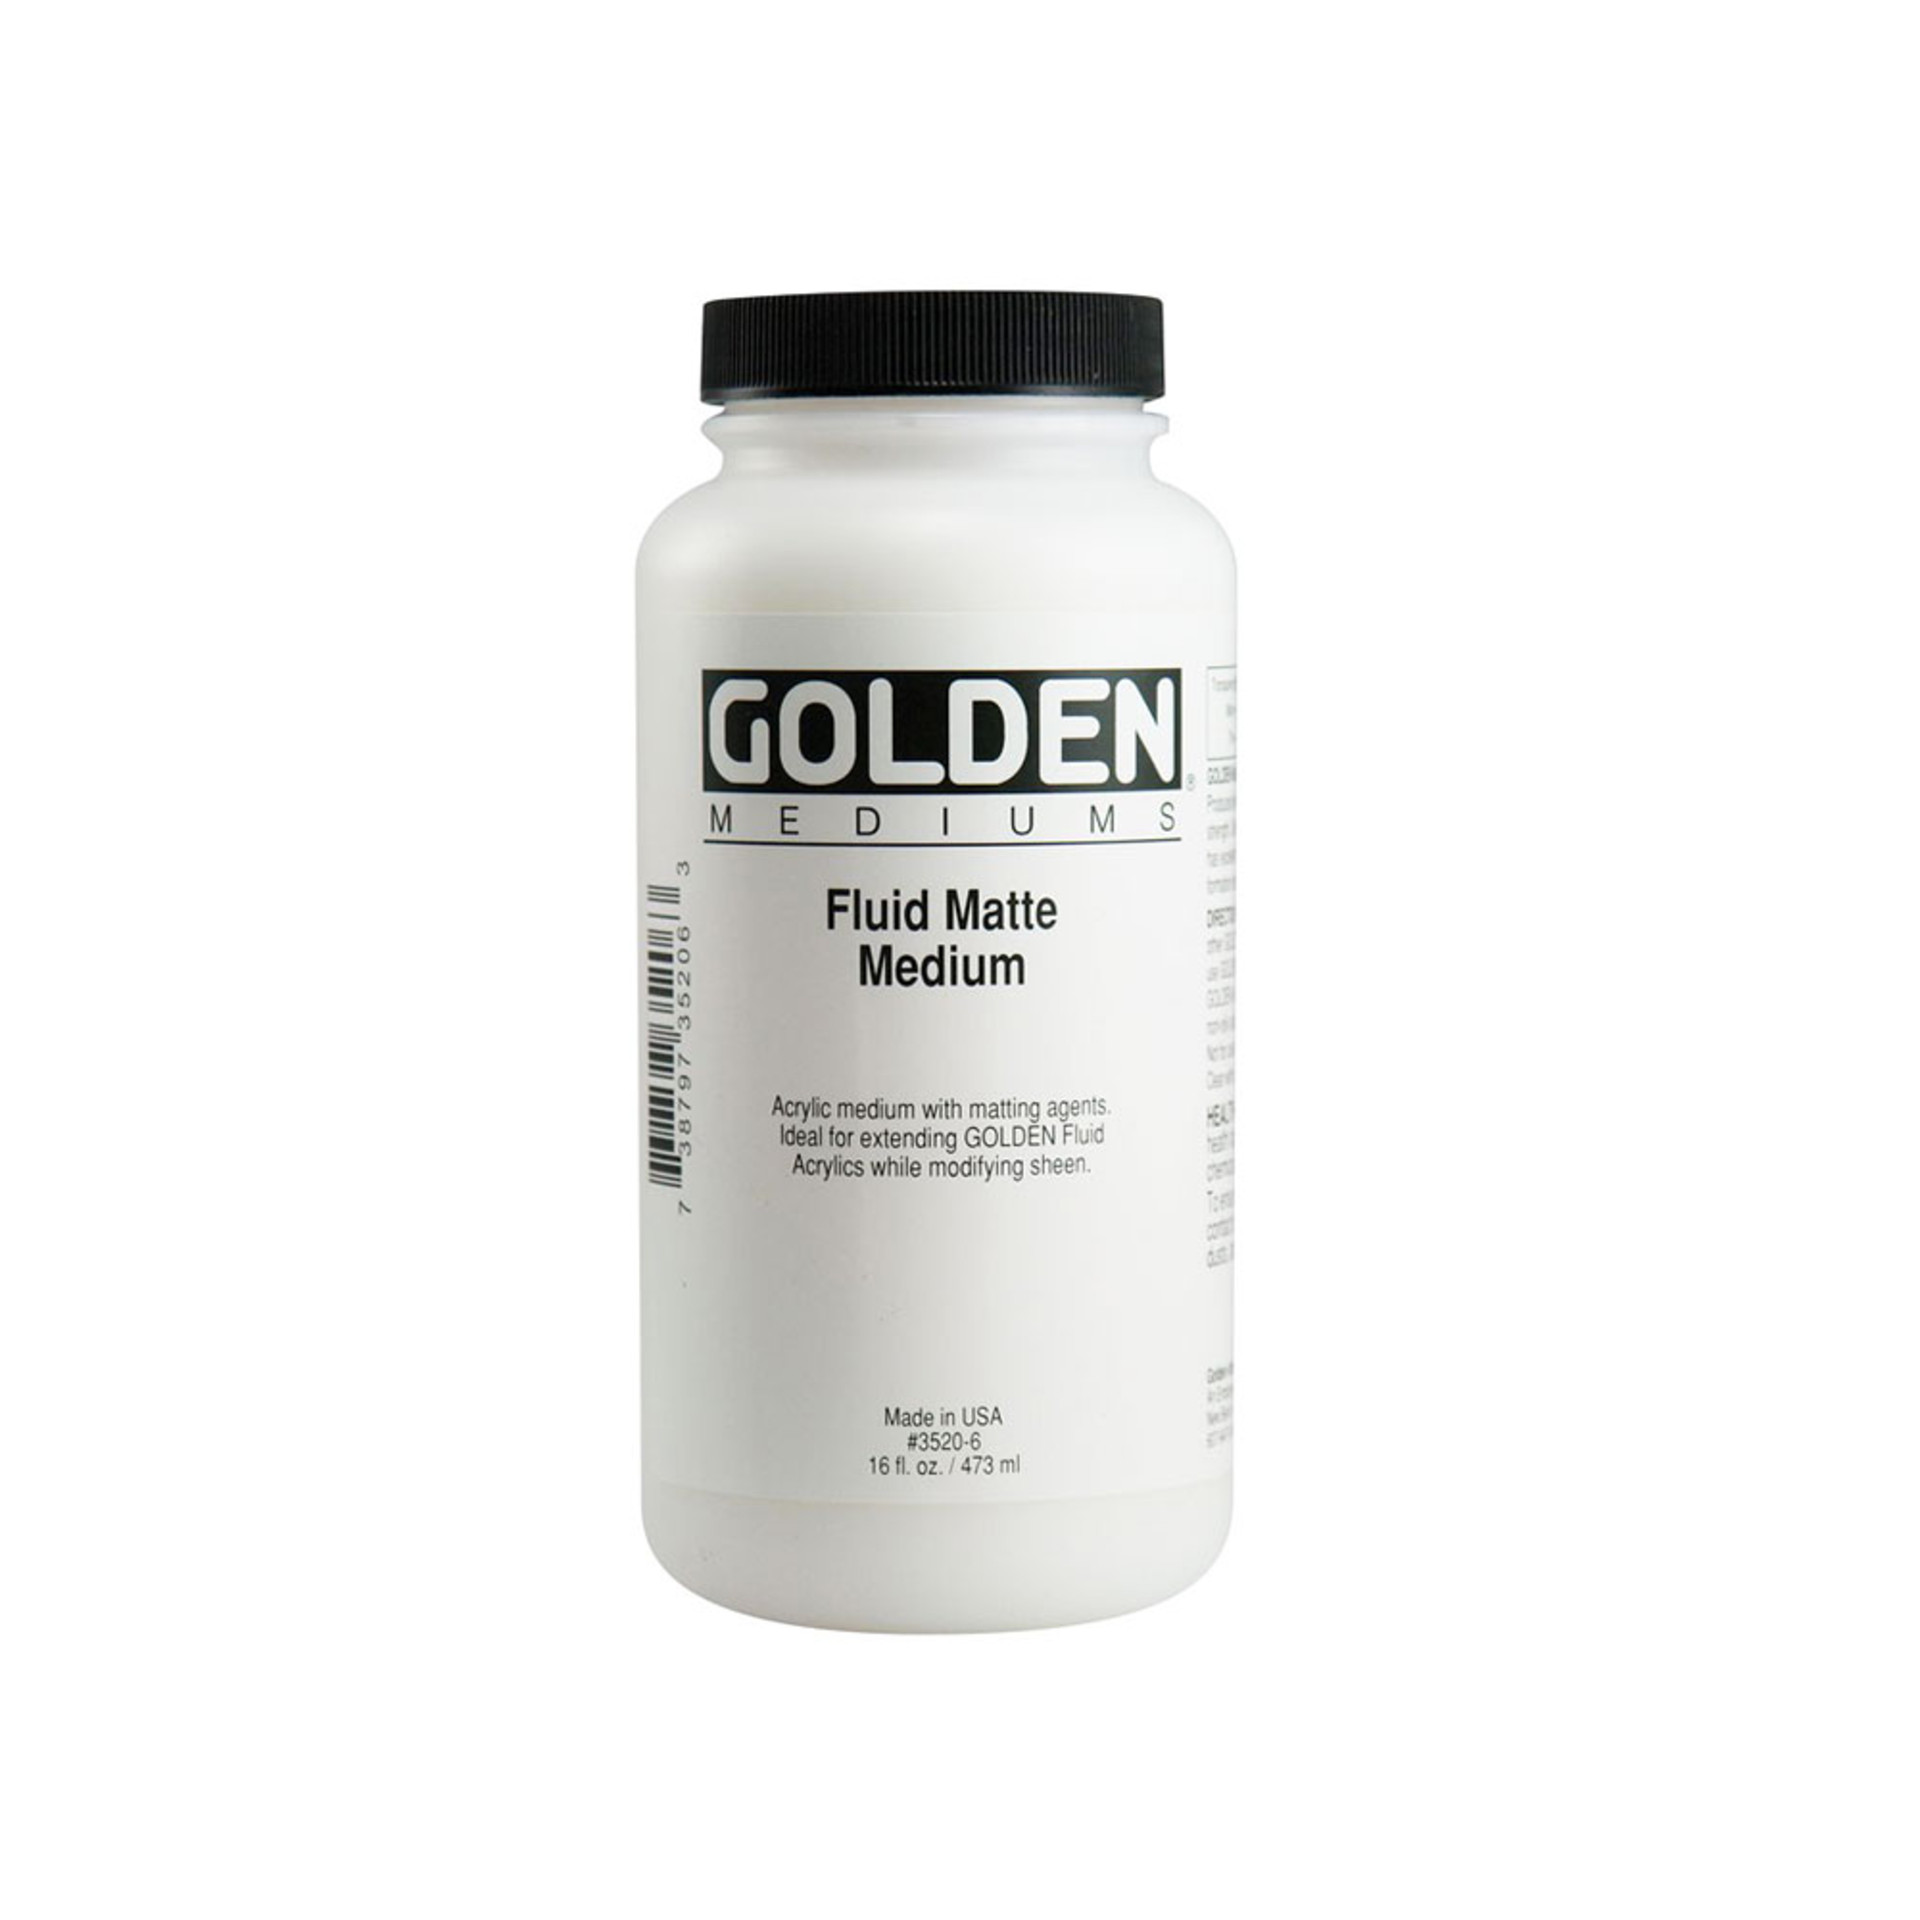 Golden Fluid Matte Medium 16oz